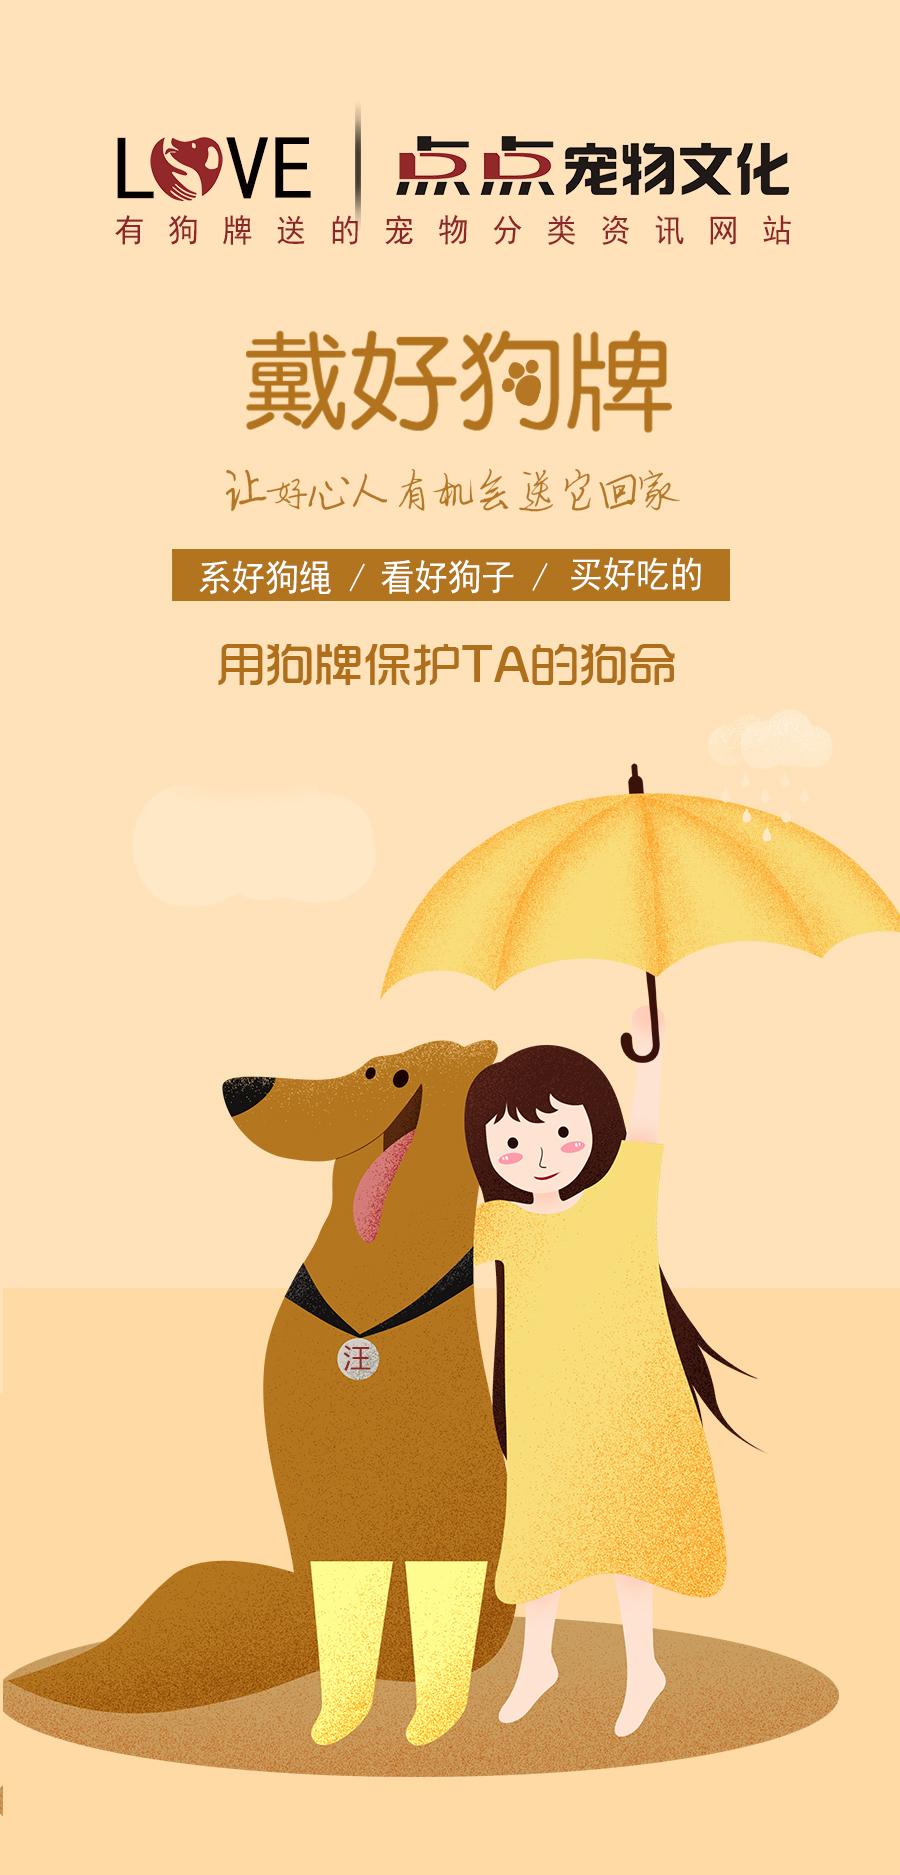 点点宠物文化-宠物数据信息工作犬和导盲犬警犬缉犬搜救犬宠物猫狗一定要办理血统证吗? 点点宠物文化-宠物数据信息